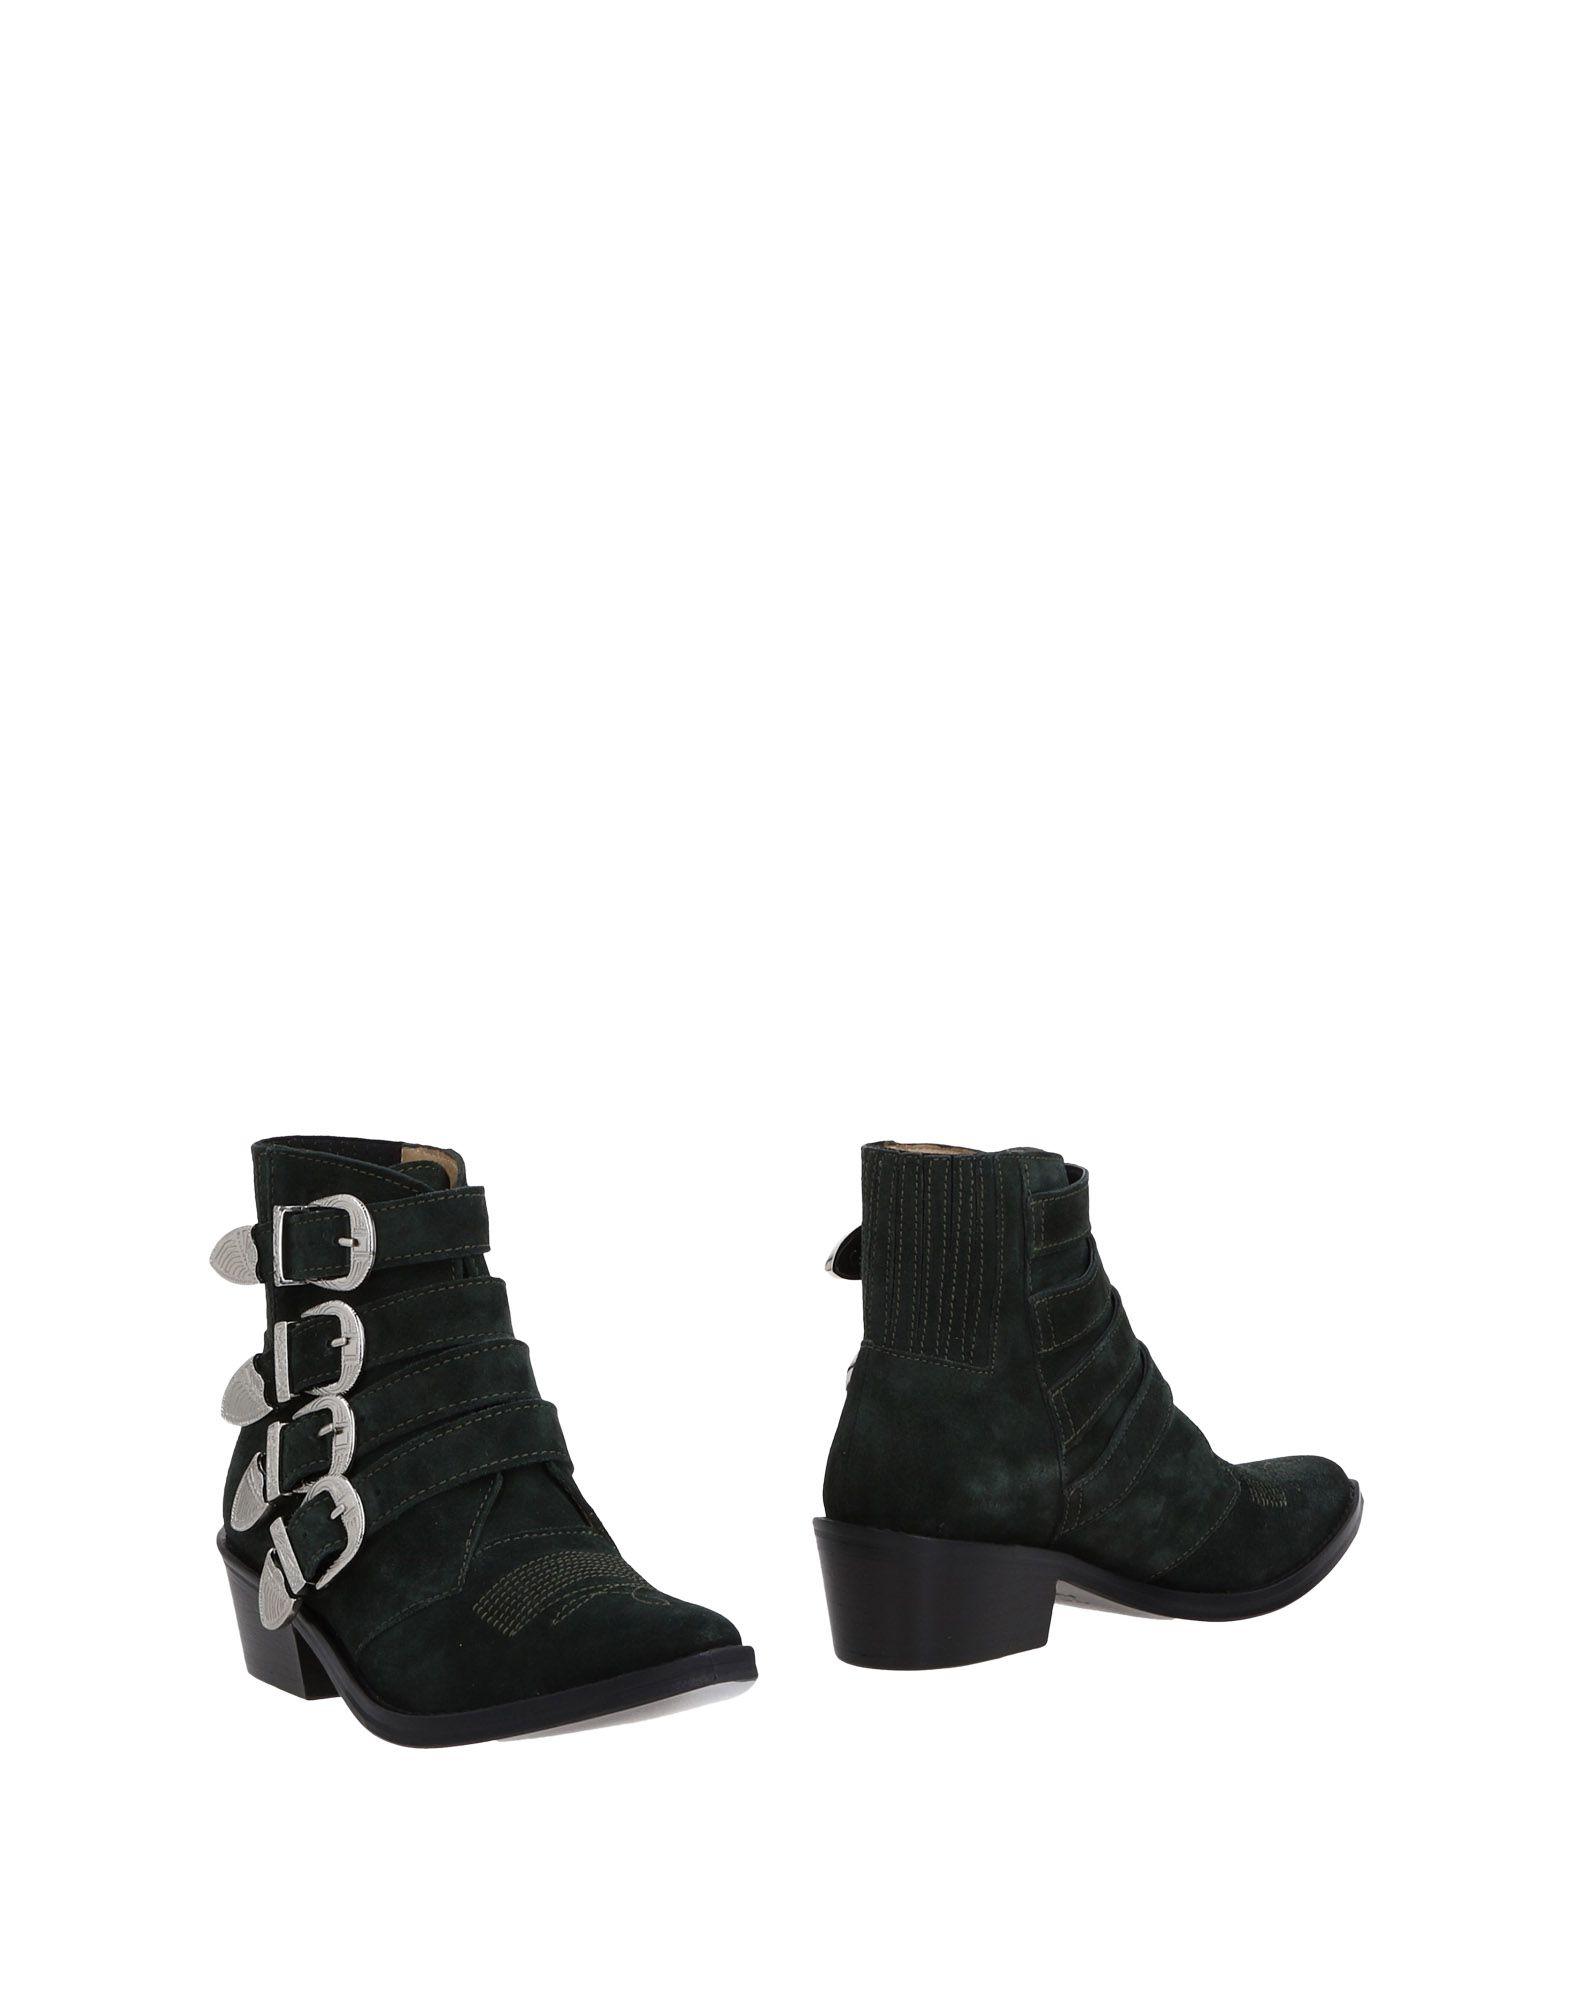 TOGA PULLA Полусапоги и высокие ботинки toga pulla низкие кеды и кроссовки